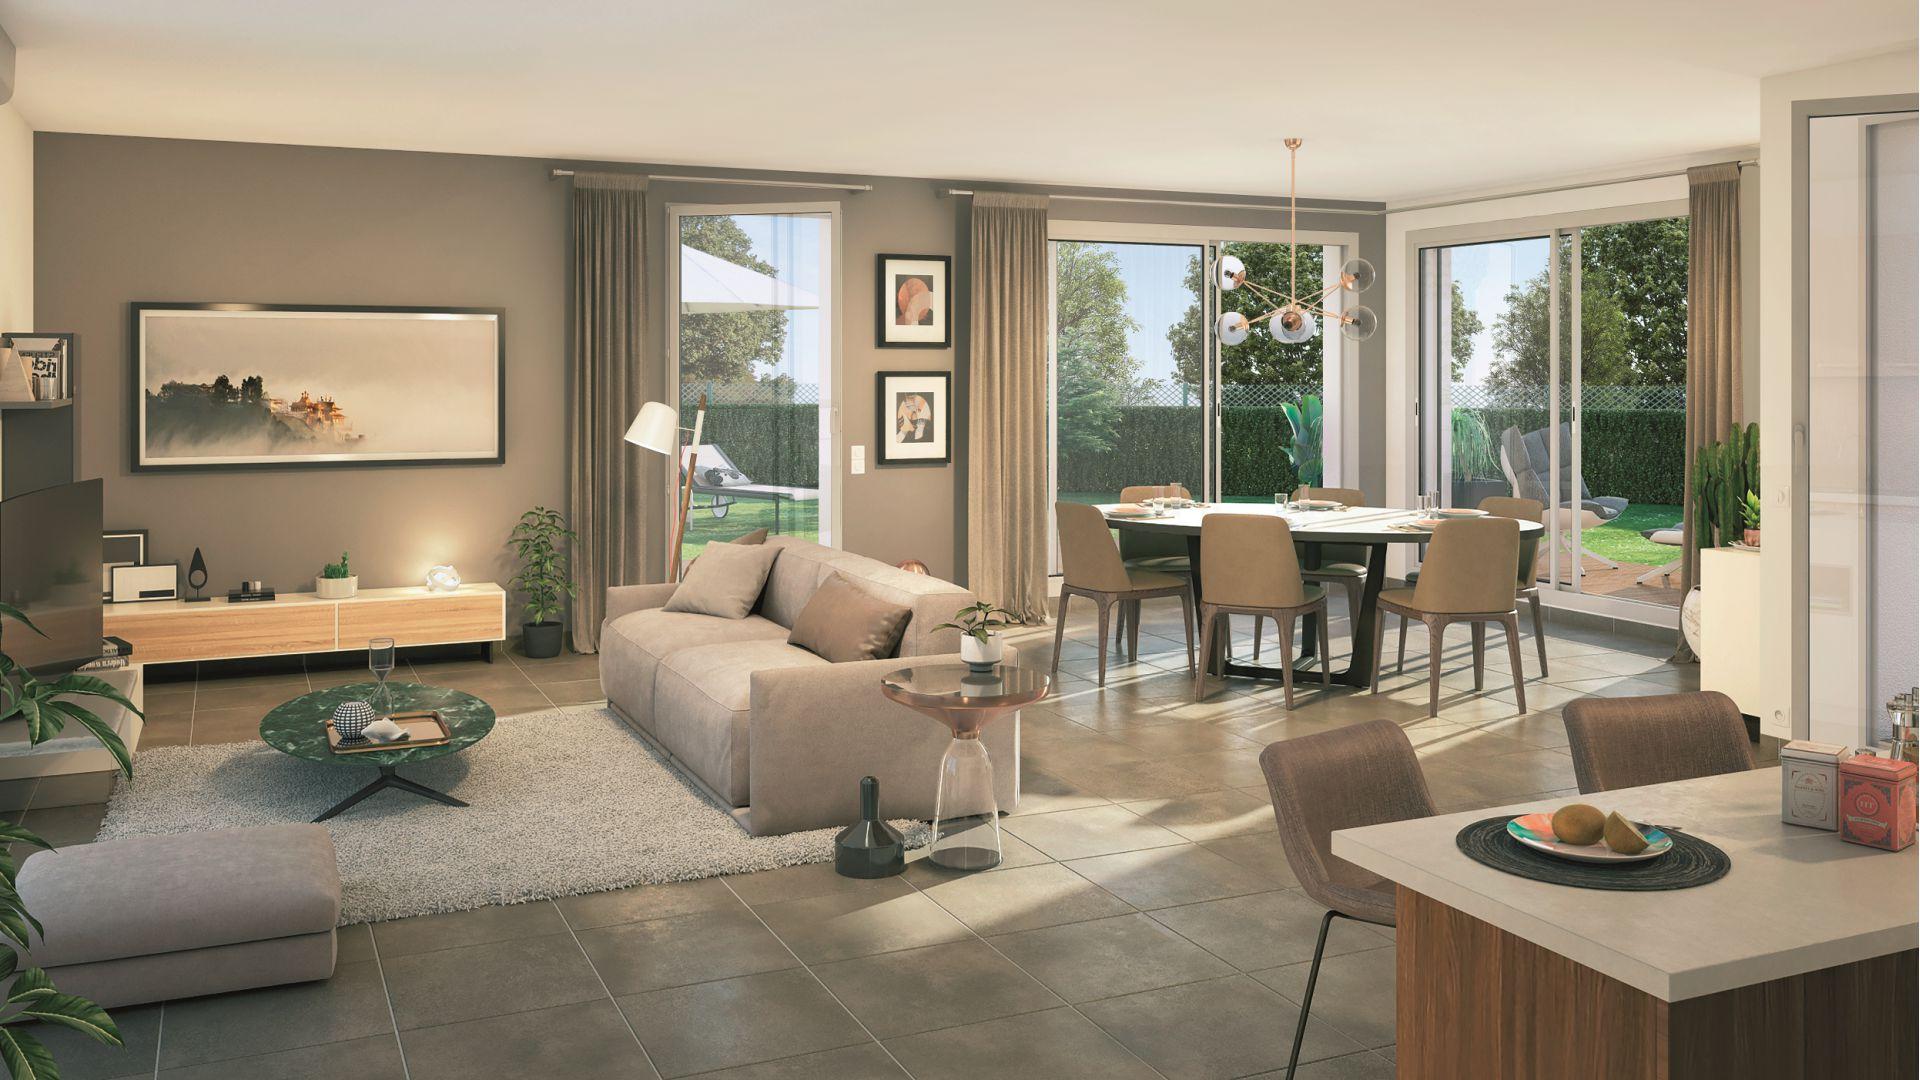 Greencity Immobilier - Villas Valéria - 31320 Auzeville - Villas neuves T6 - appartements neufs T2-T3 - intérieur villa 6